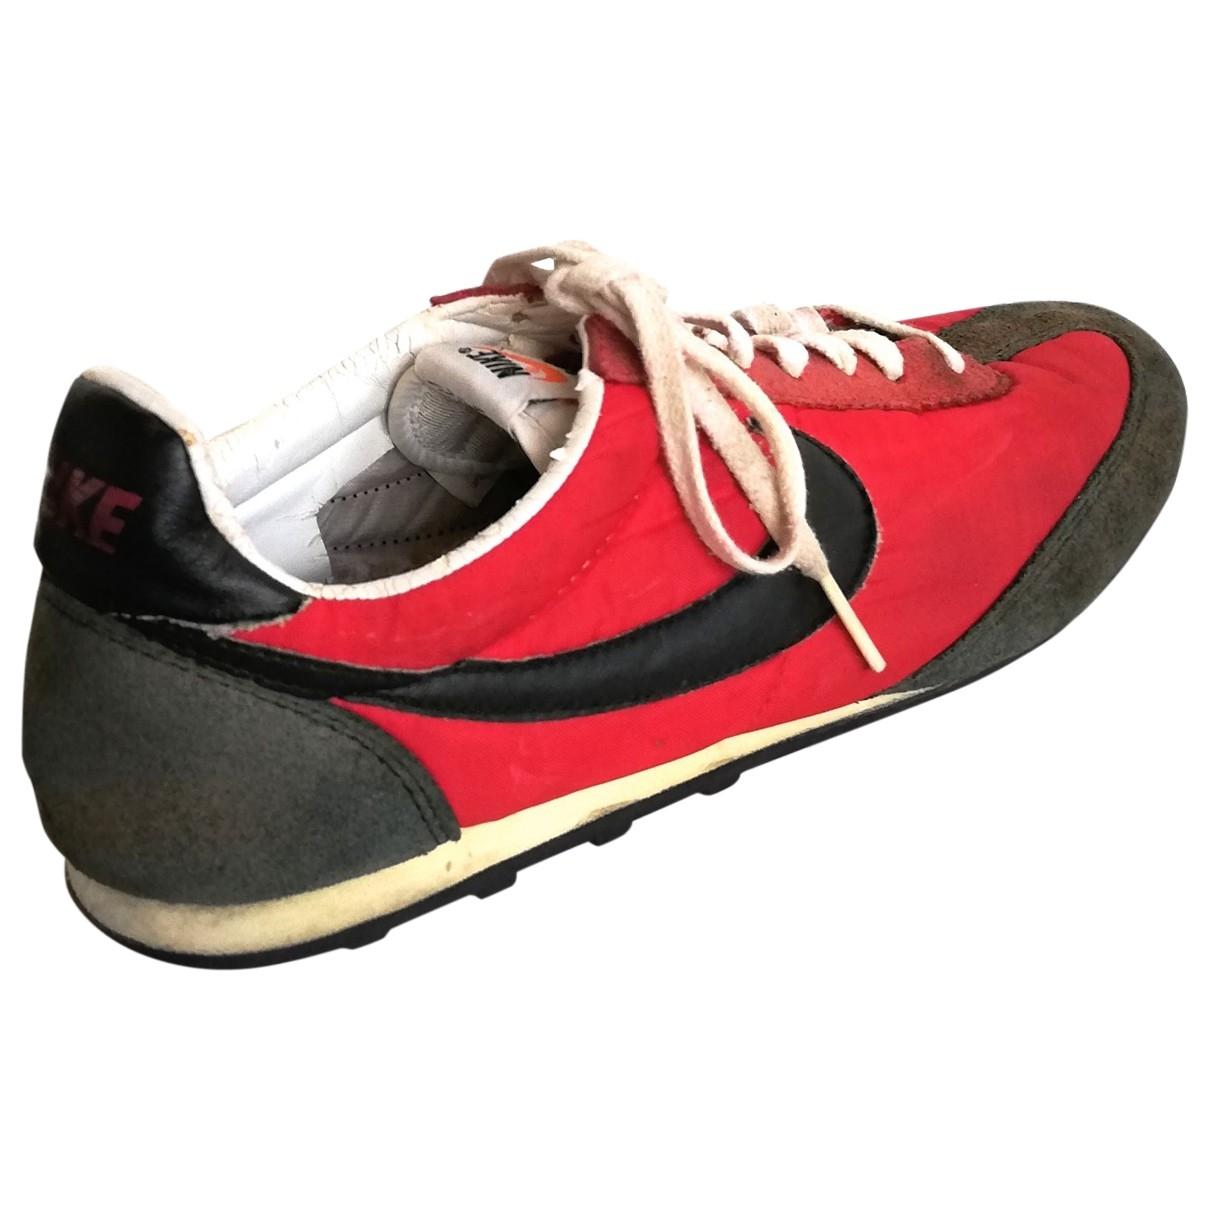 Nike - Baskets   pour homme en toile - rouge